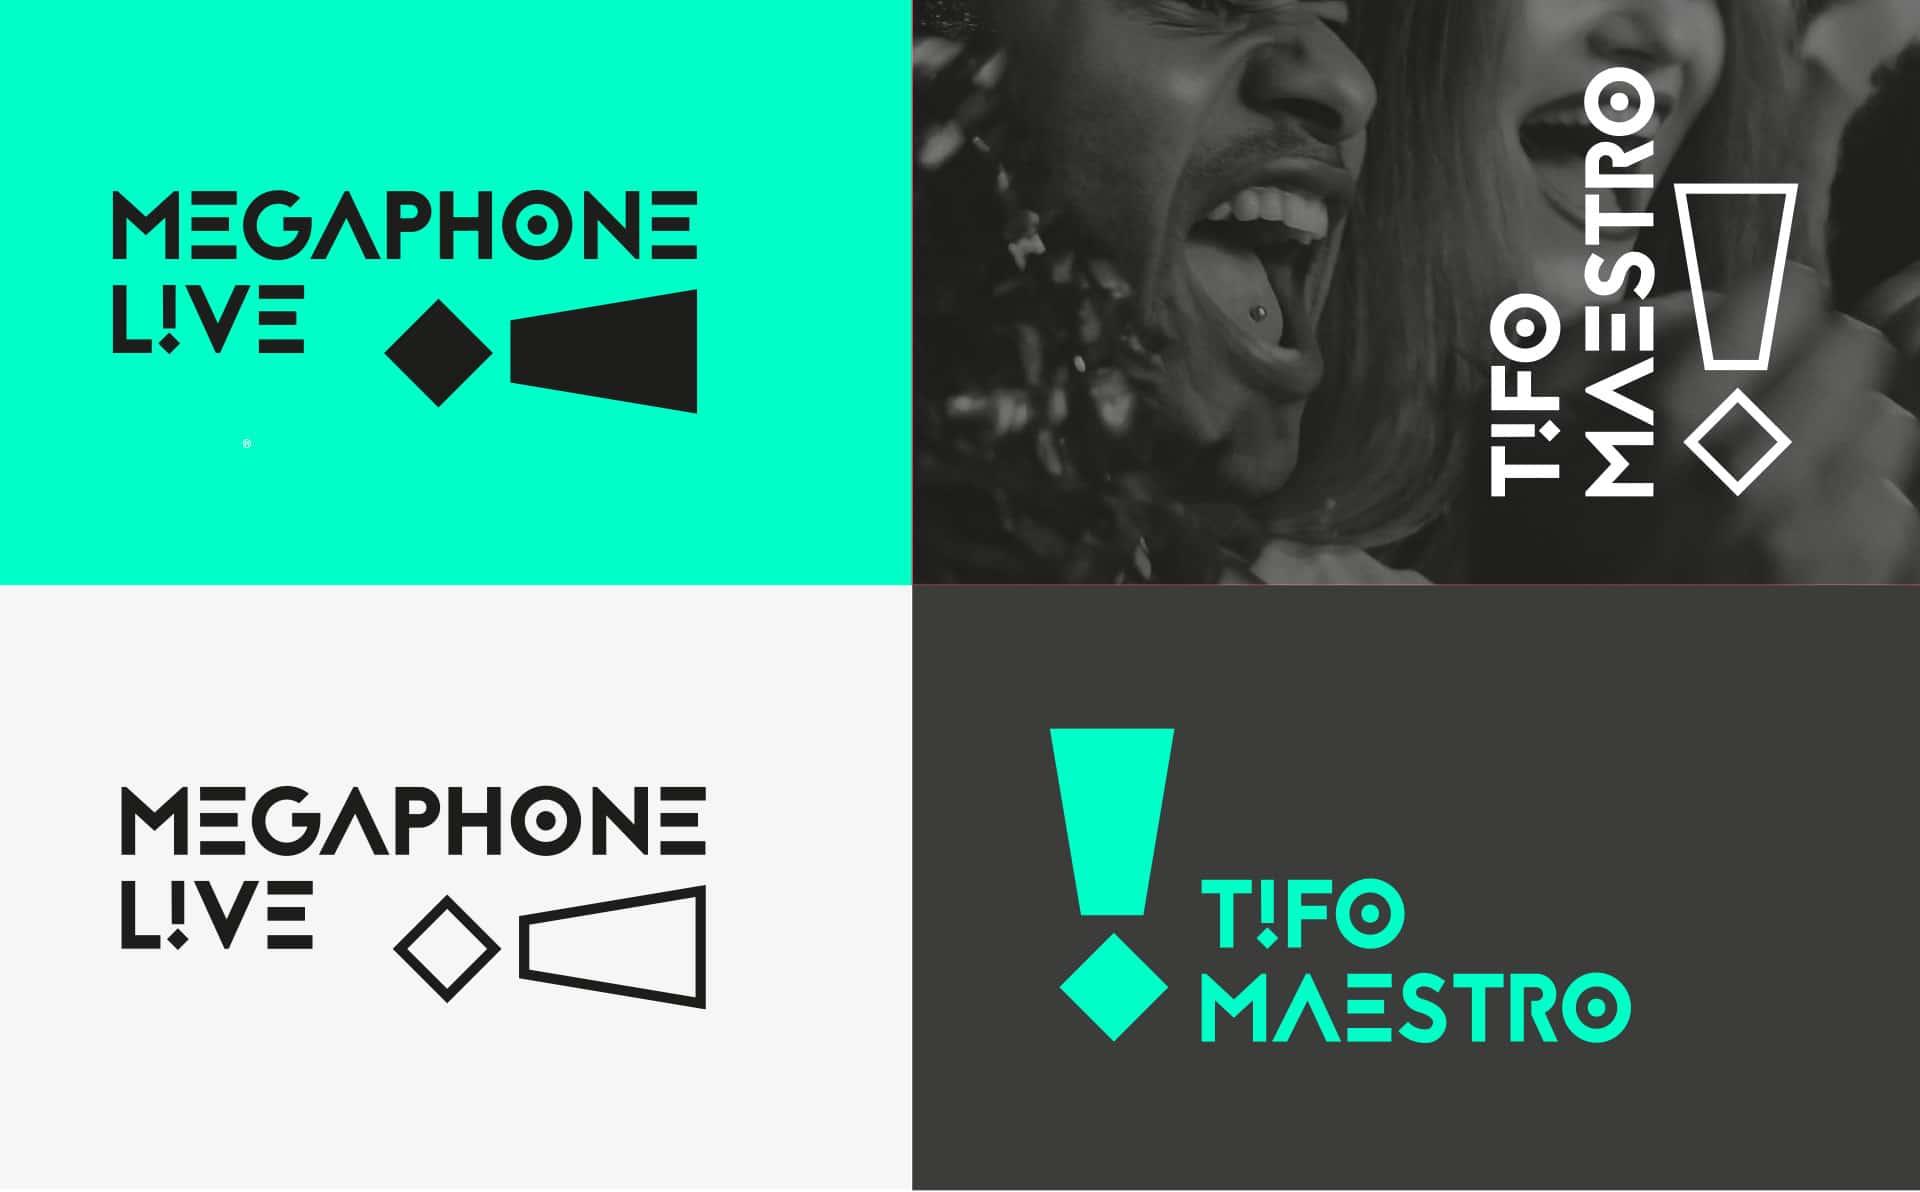 Megaphone Live, refonte du logo